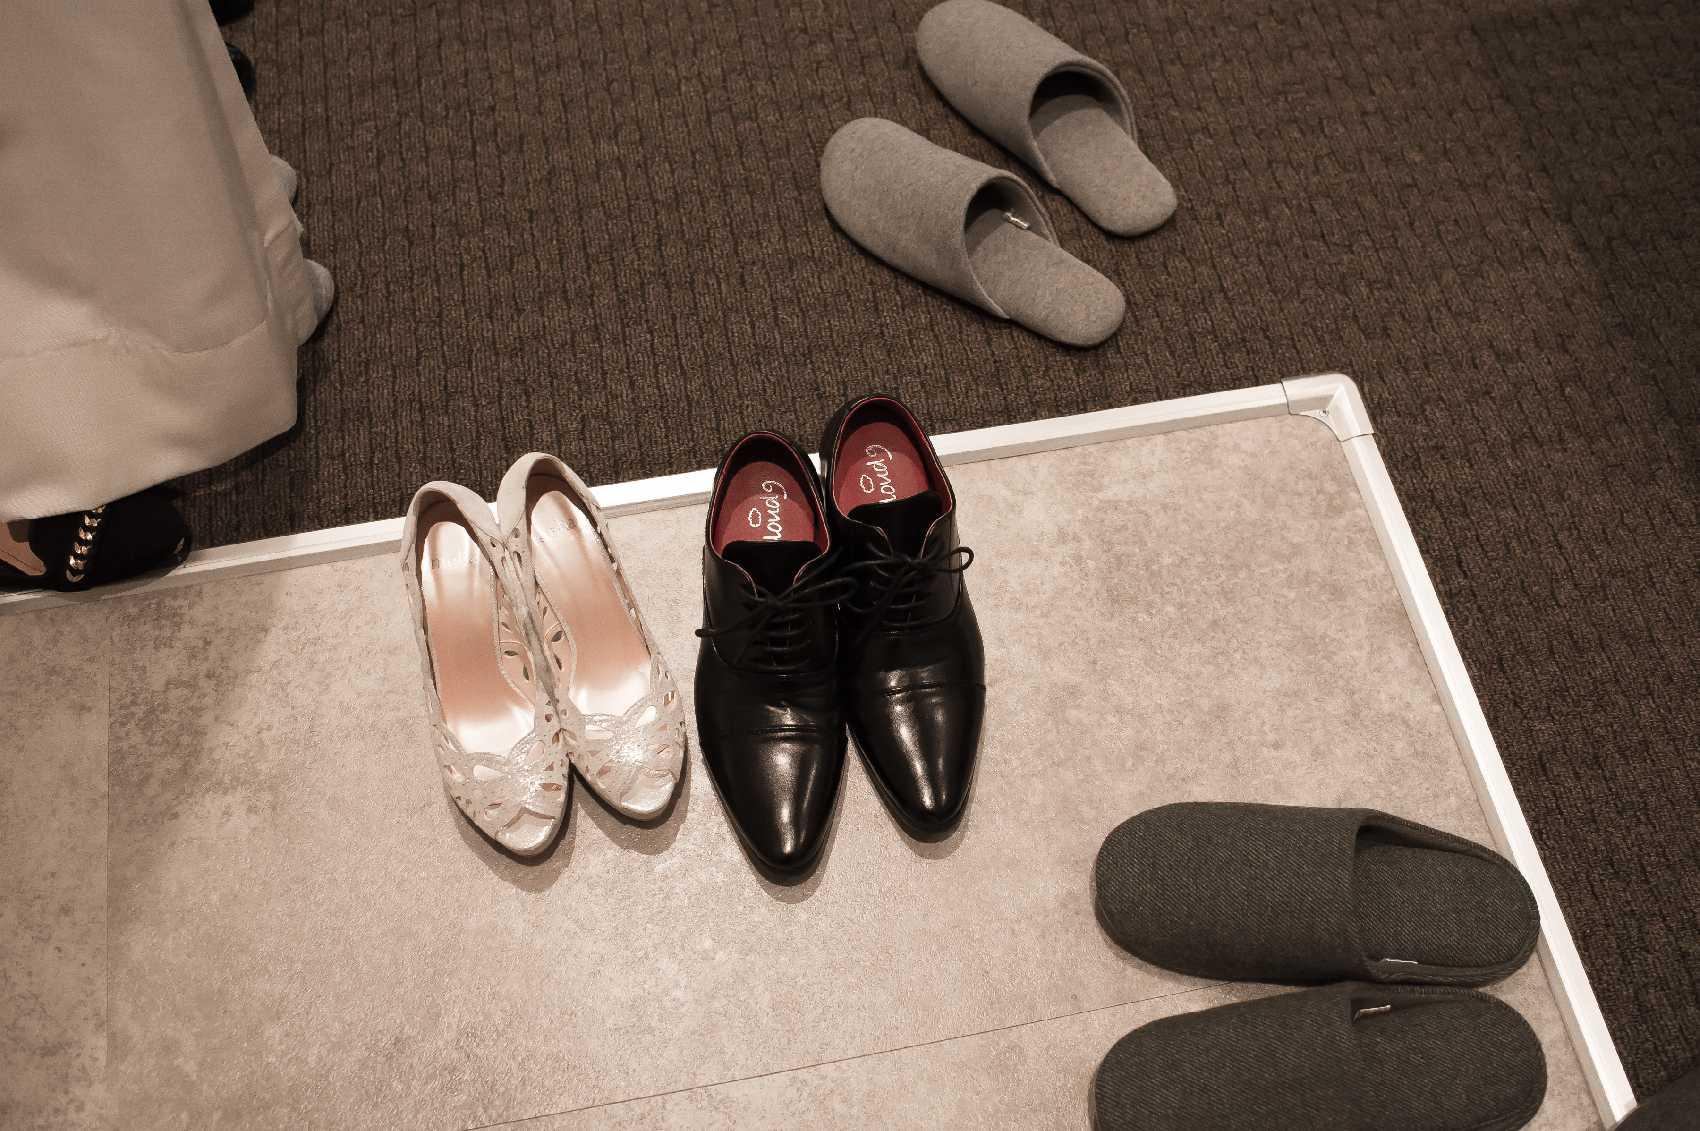 香川県高松市の結婚式場アナザースタイルの新郎新婦のシューズ